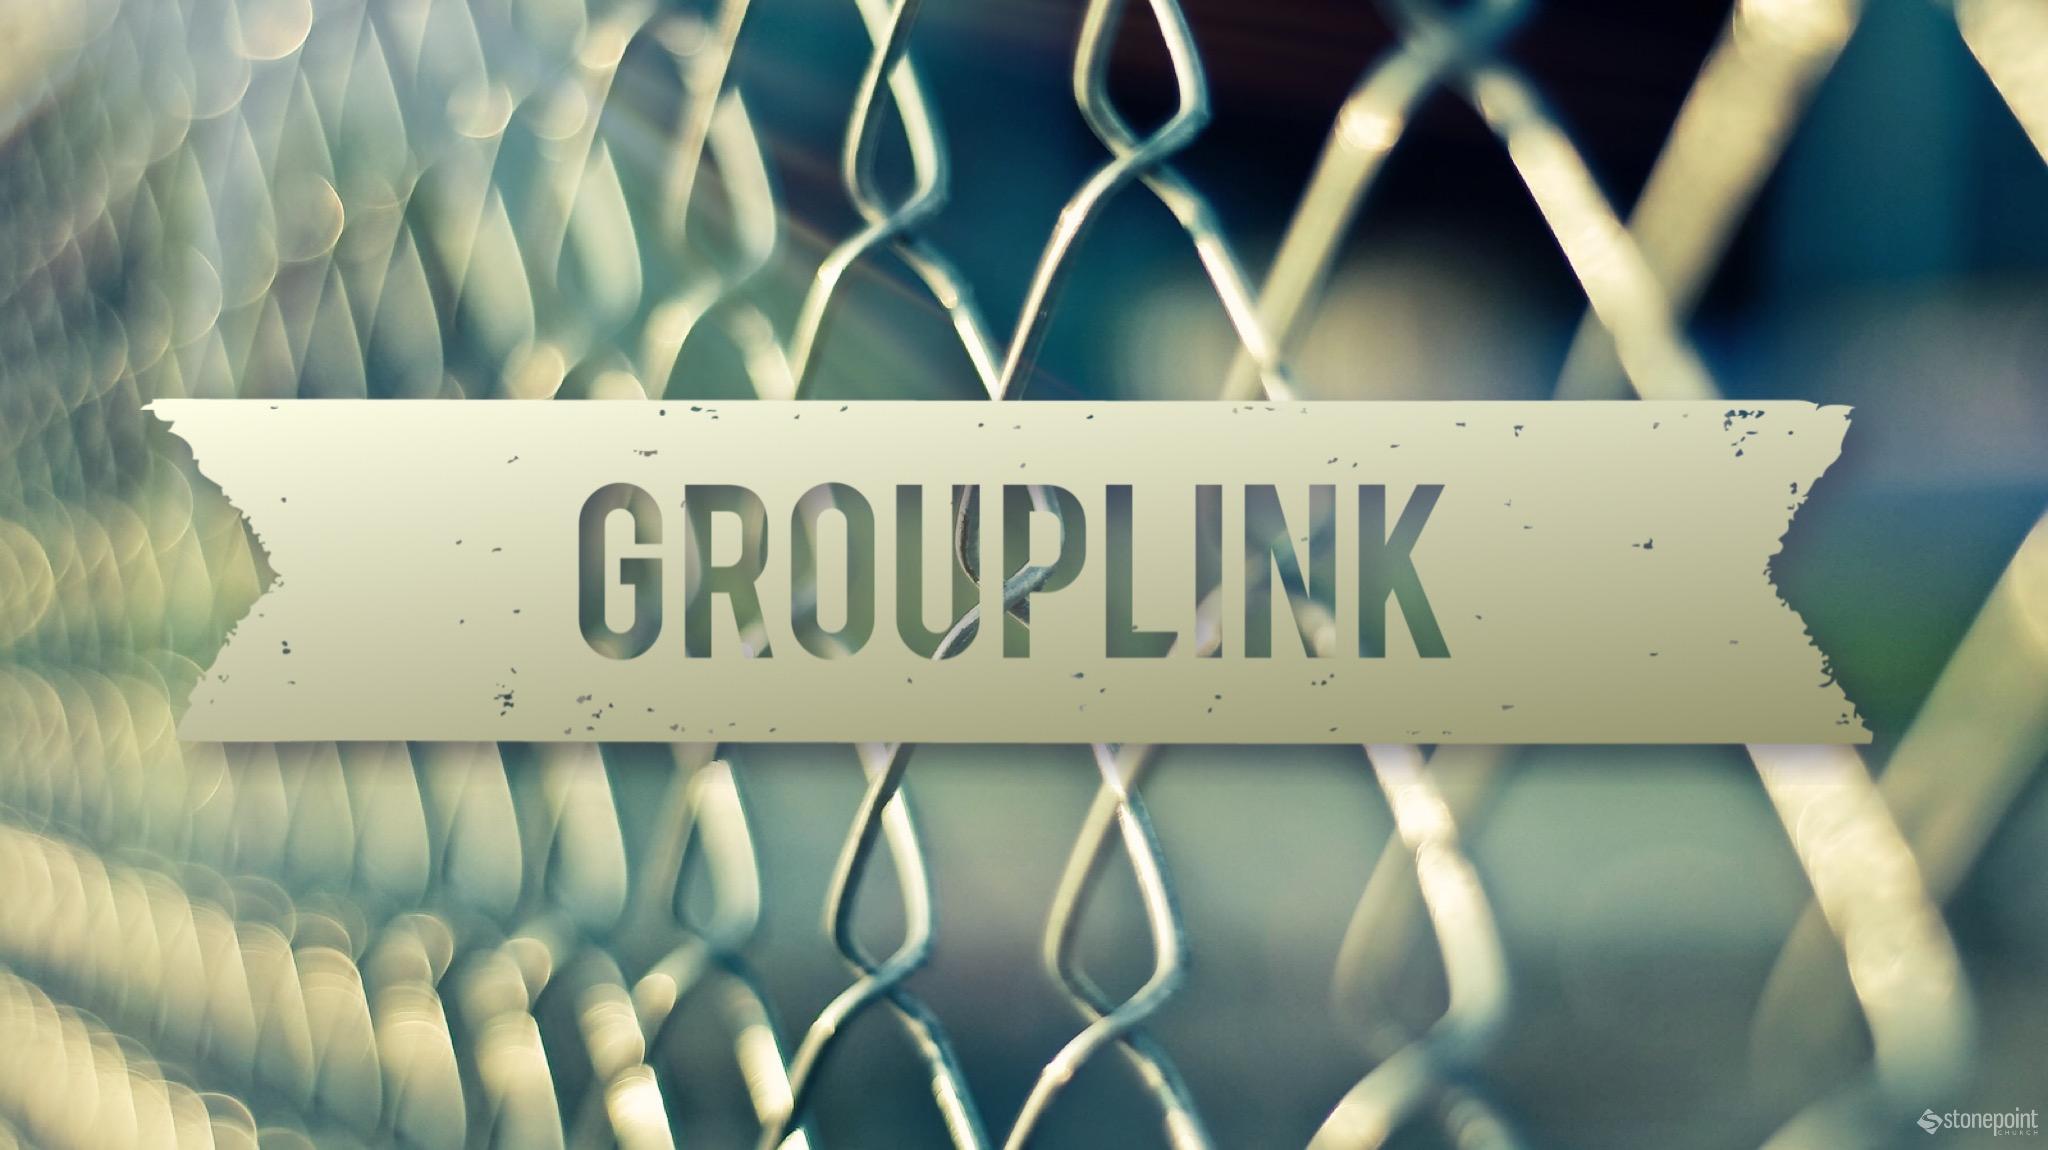 Grouplink graphic